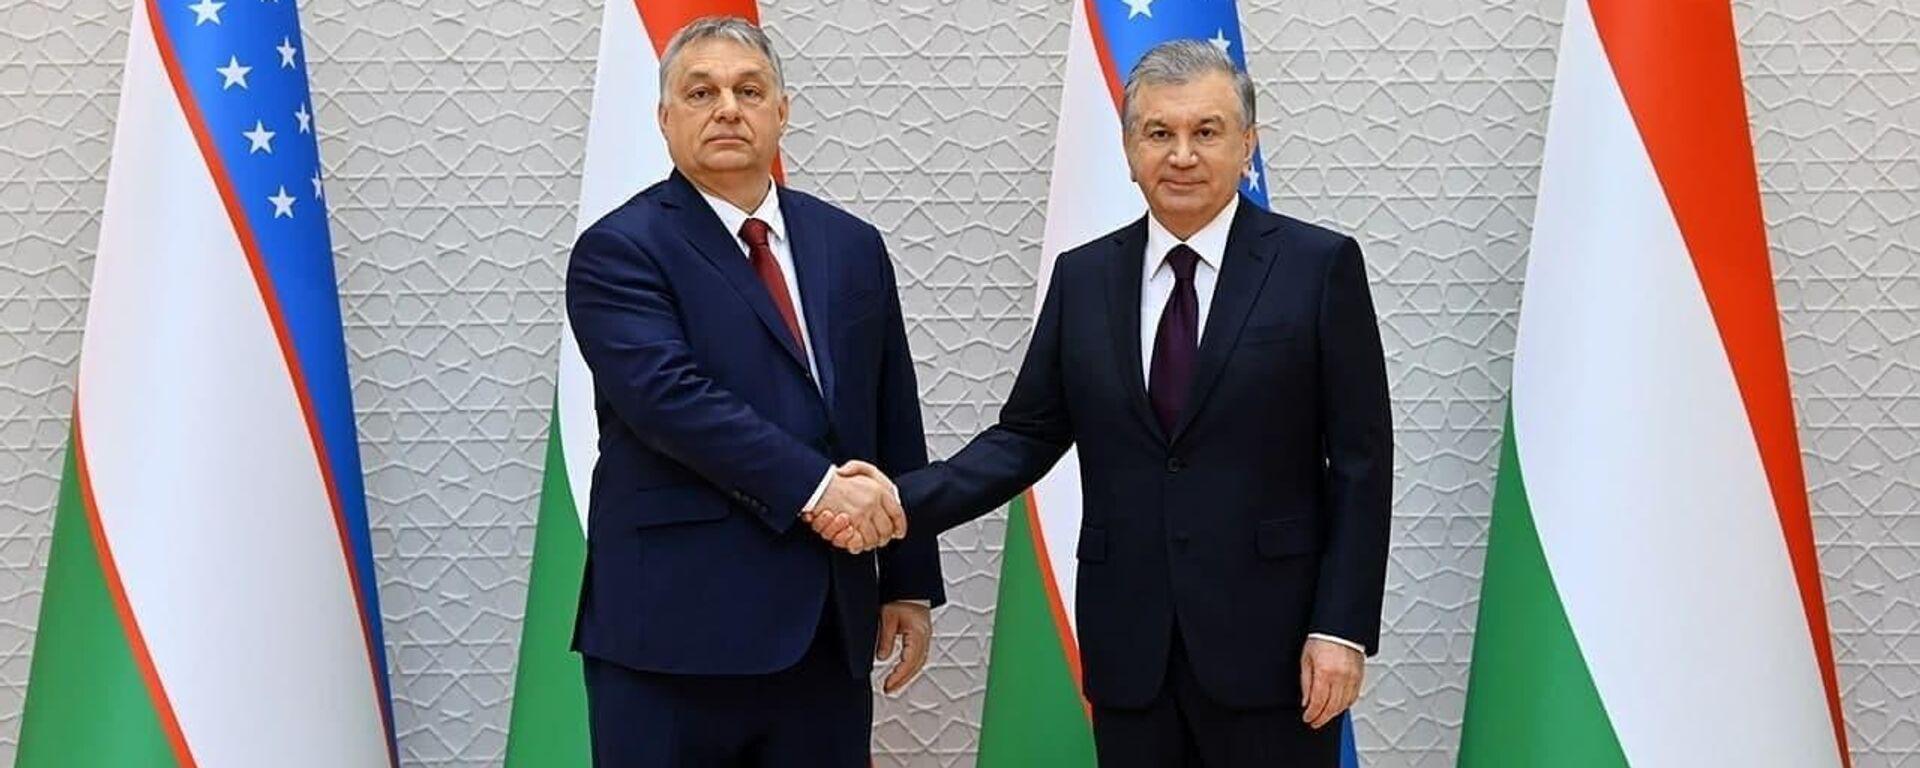 Президент Узбекистана Шавкат Мирзиёев (справа) и премьер-министр Венгрии Виктор Орбан - Sputnik Узбекистан, 1920, 30.03.2021